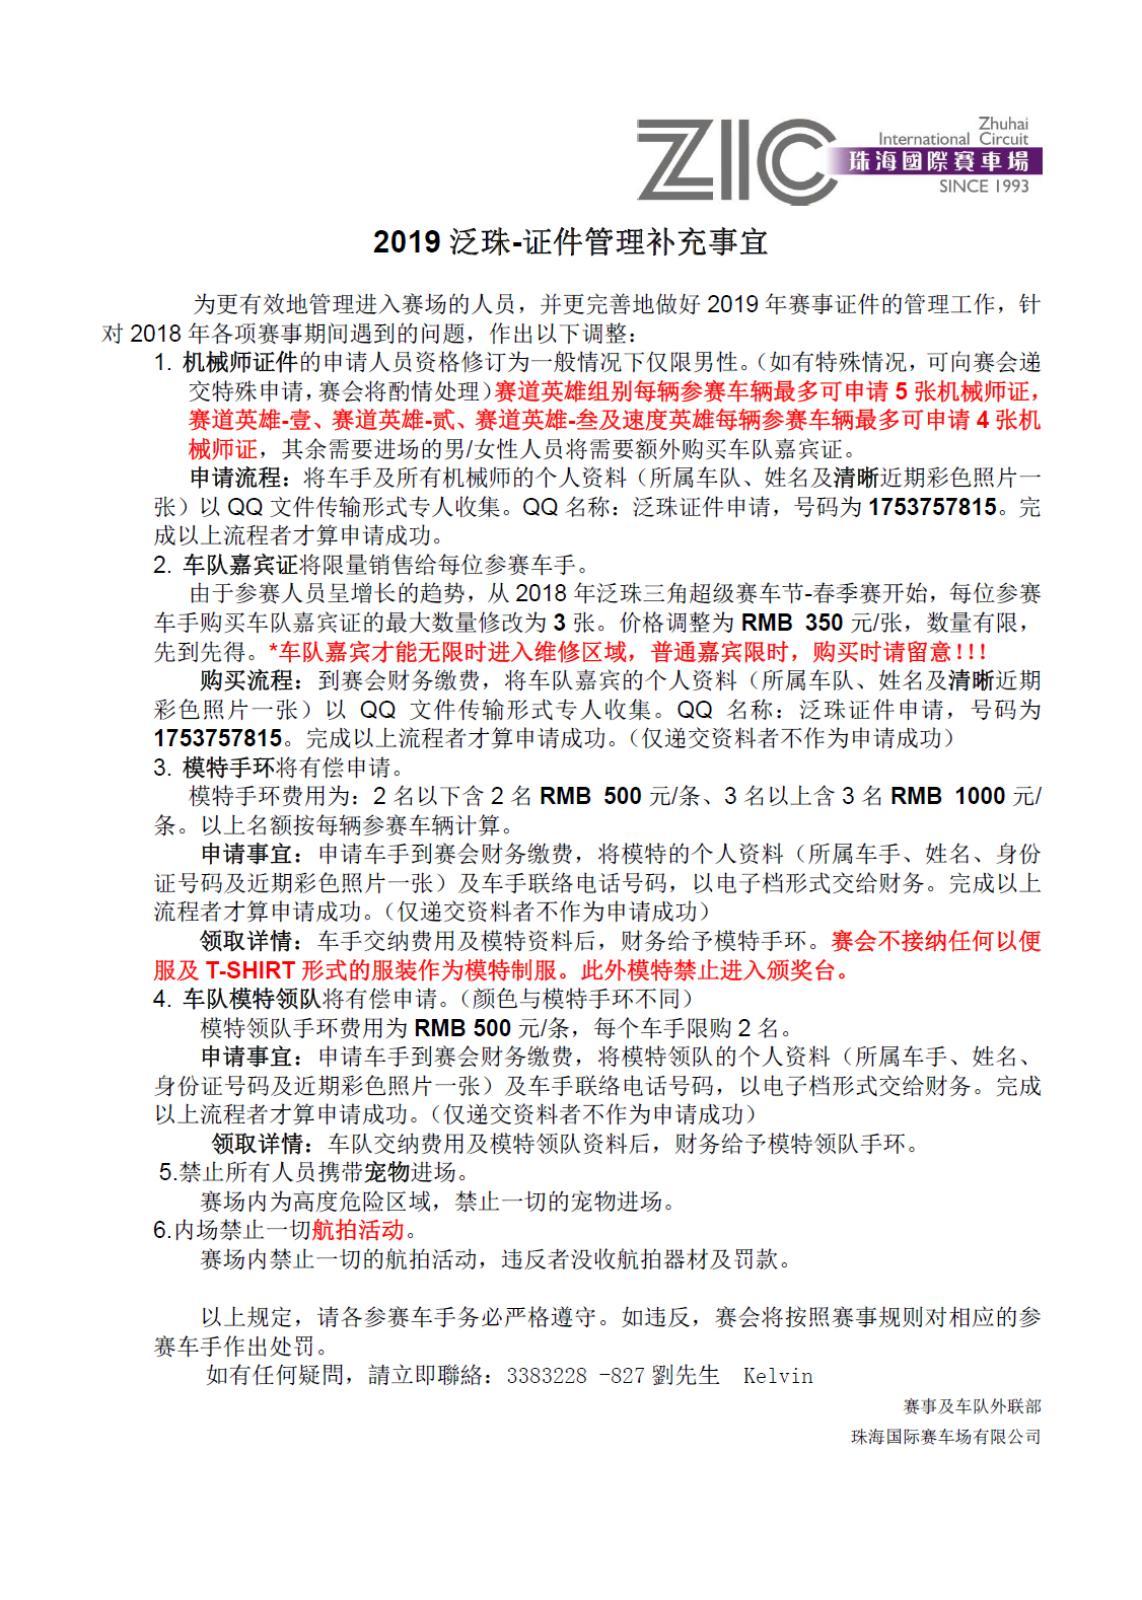 2019 泛珠-证件管理补充事宜